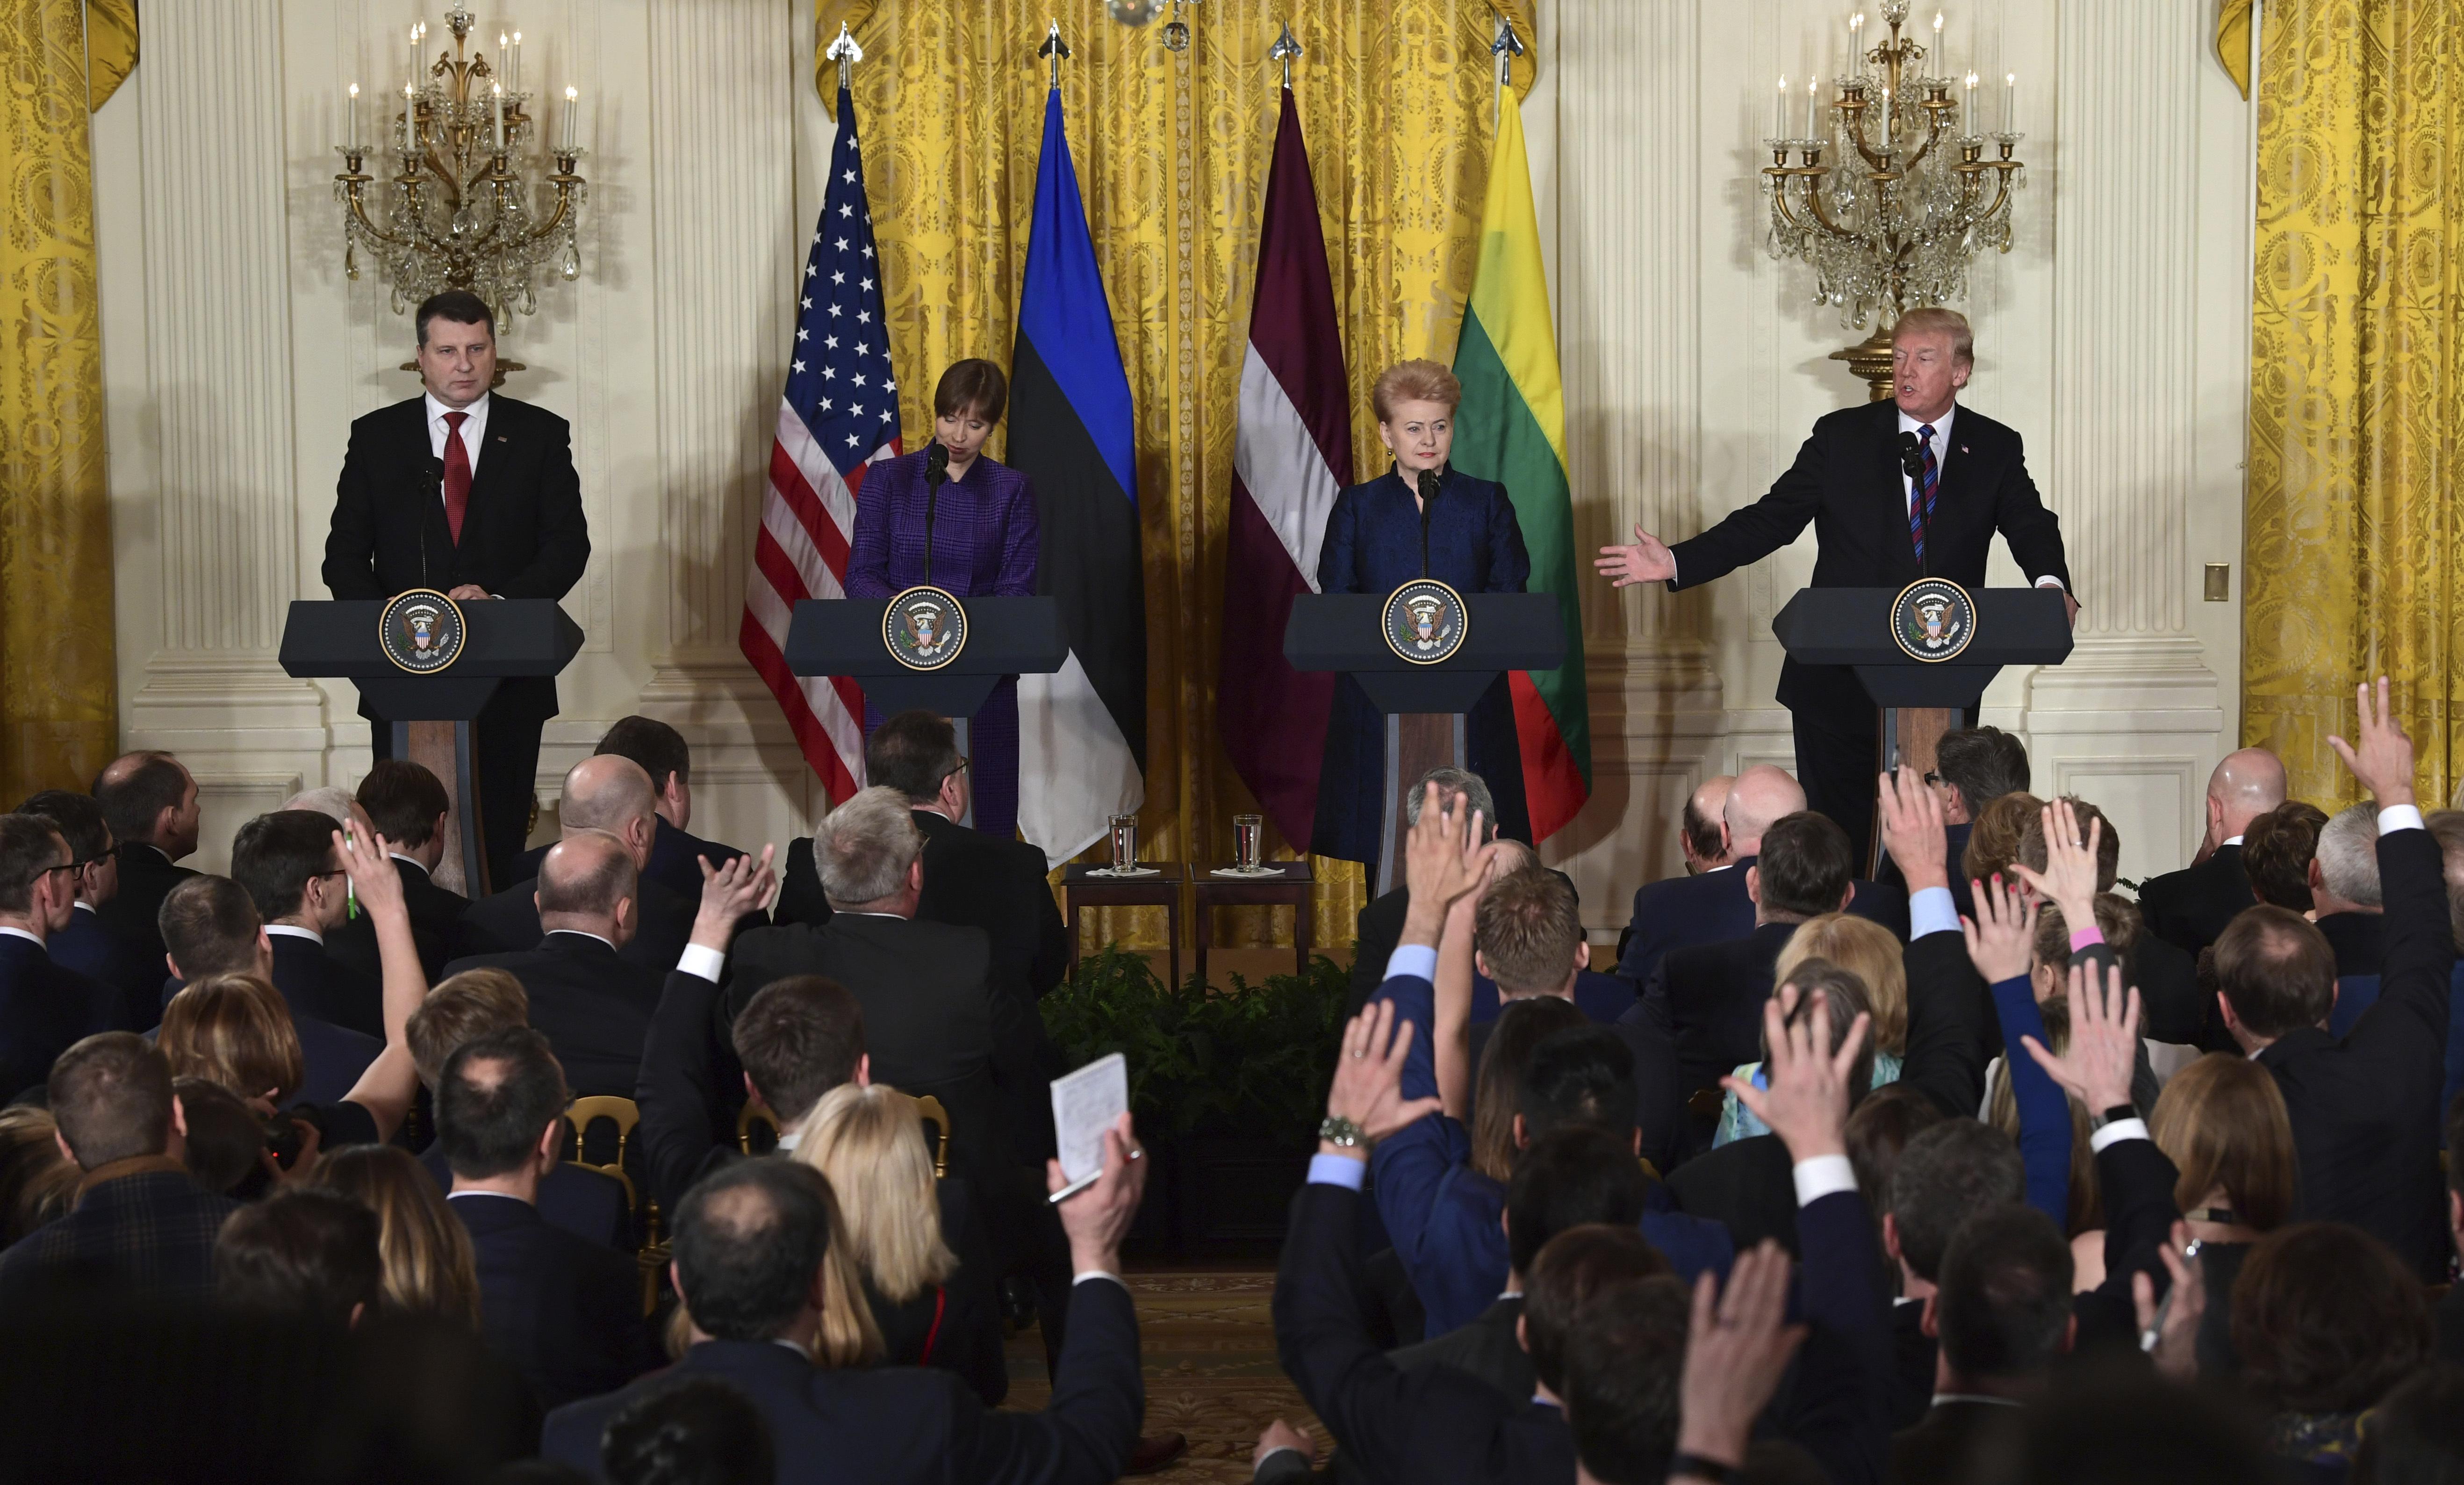 САЩ  е верен съюзник на Латвия, Литва и Естония